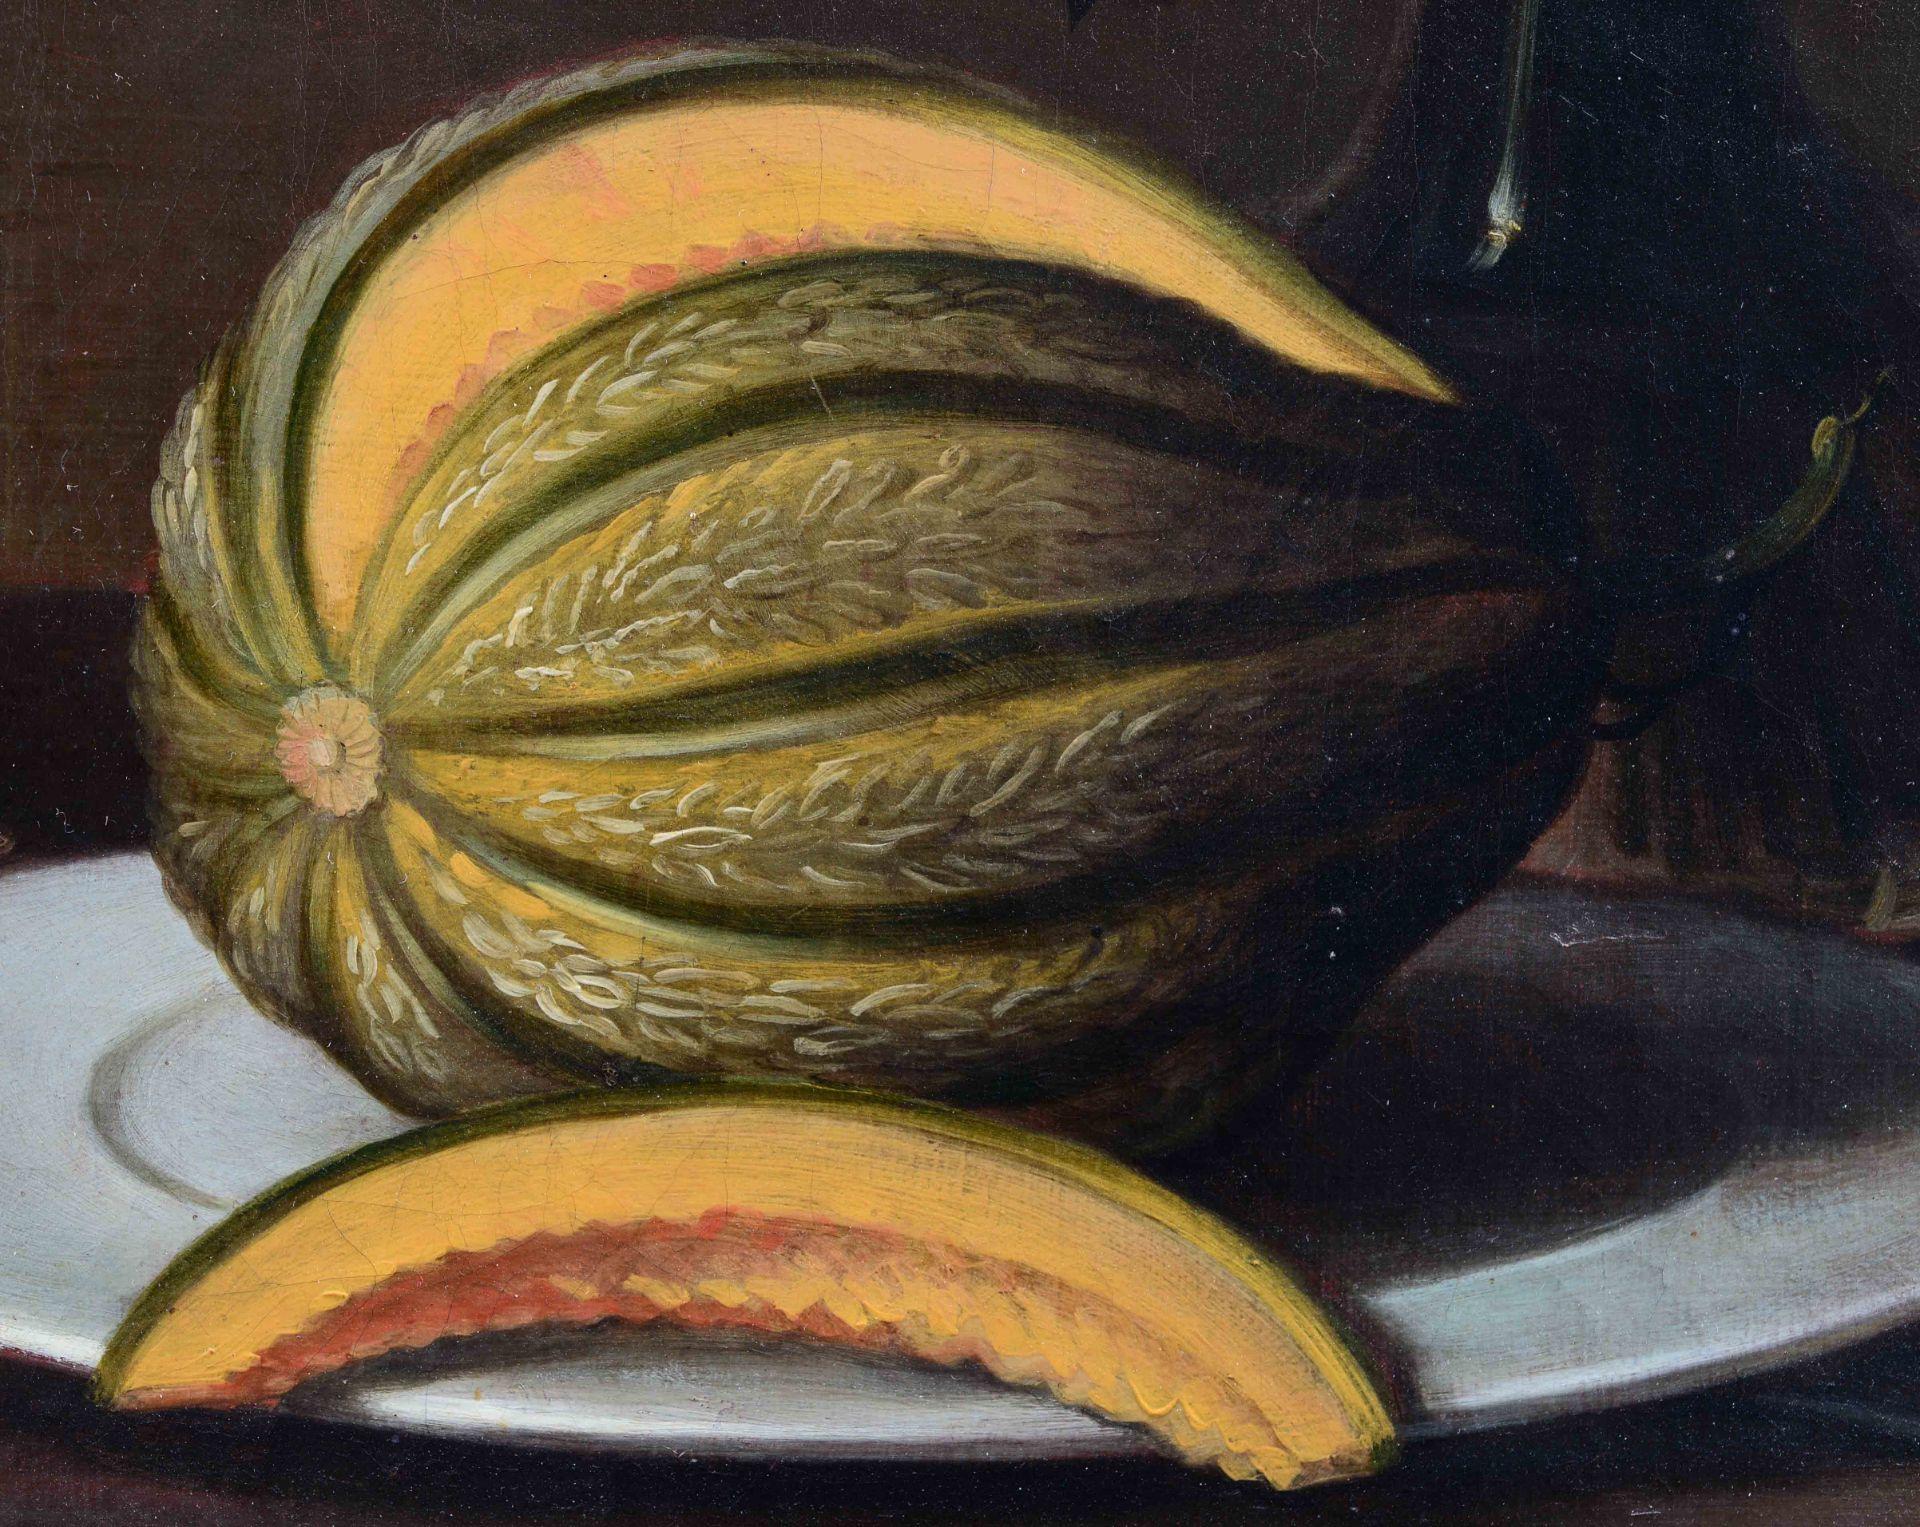 DÜNZ, JOHANNES: Herbstliches Stillleben mit Früchten und Blumenbouquet. - Image 6 of 11